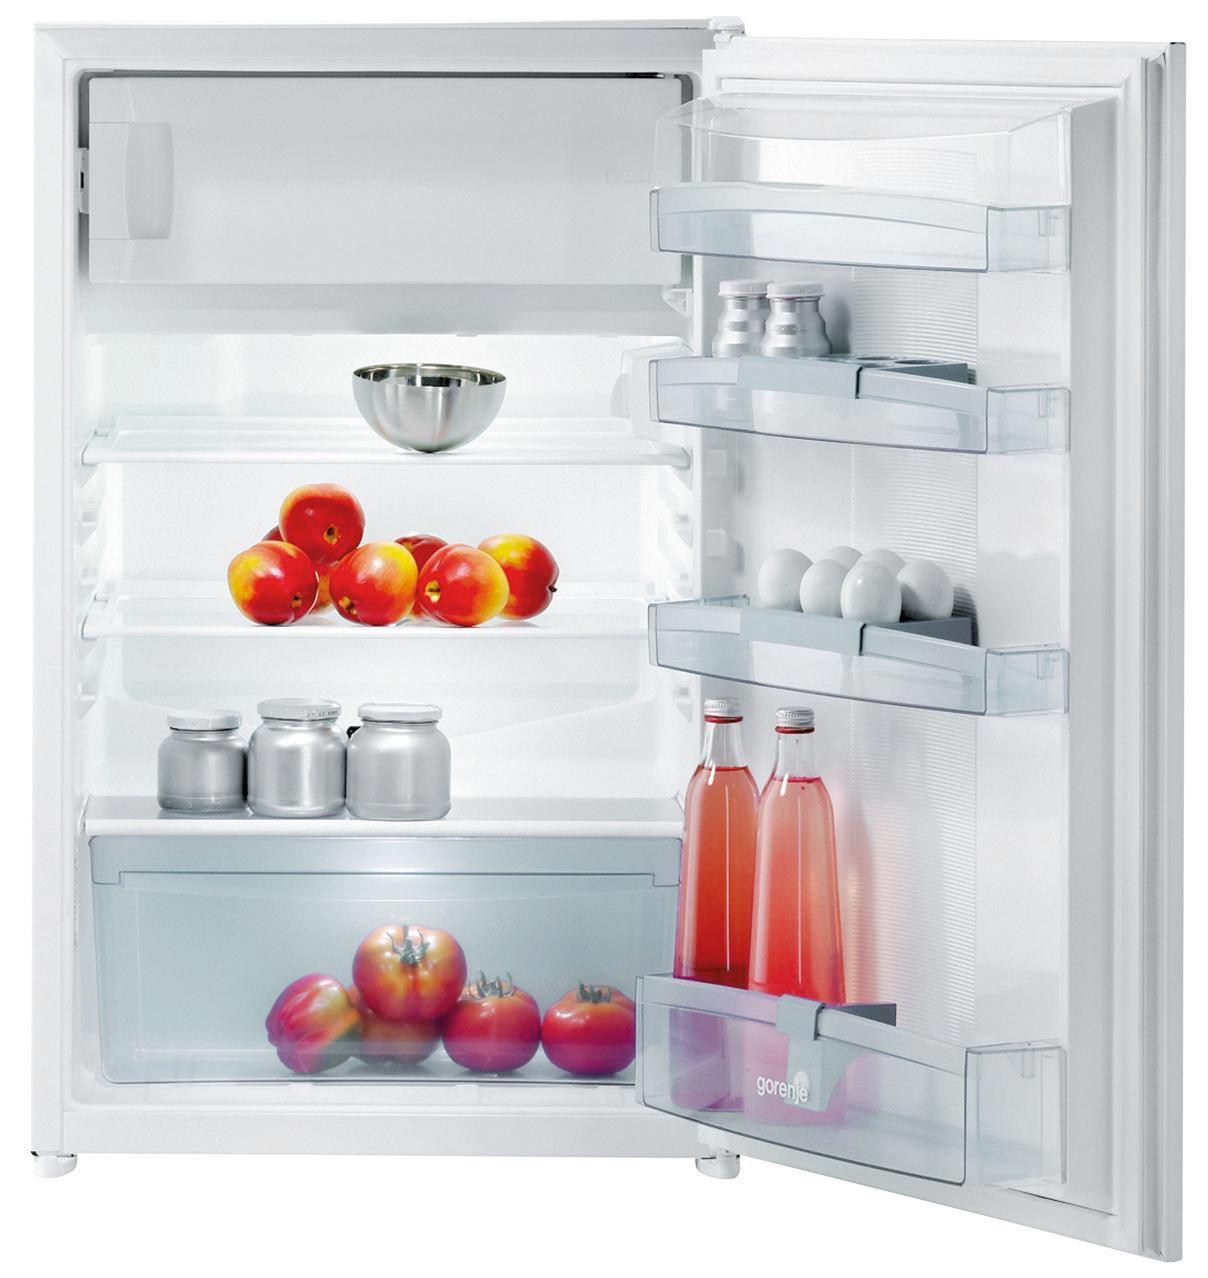 Gorenje Kühlschrank Mit Gefrierfach : Gorenje kühlschrank rbi aw online kaufen ➤ möbelix